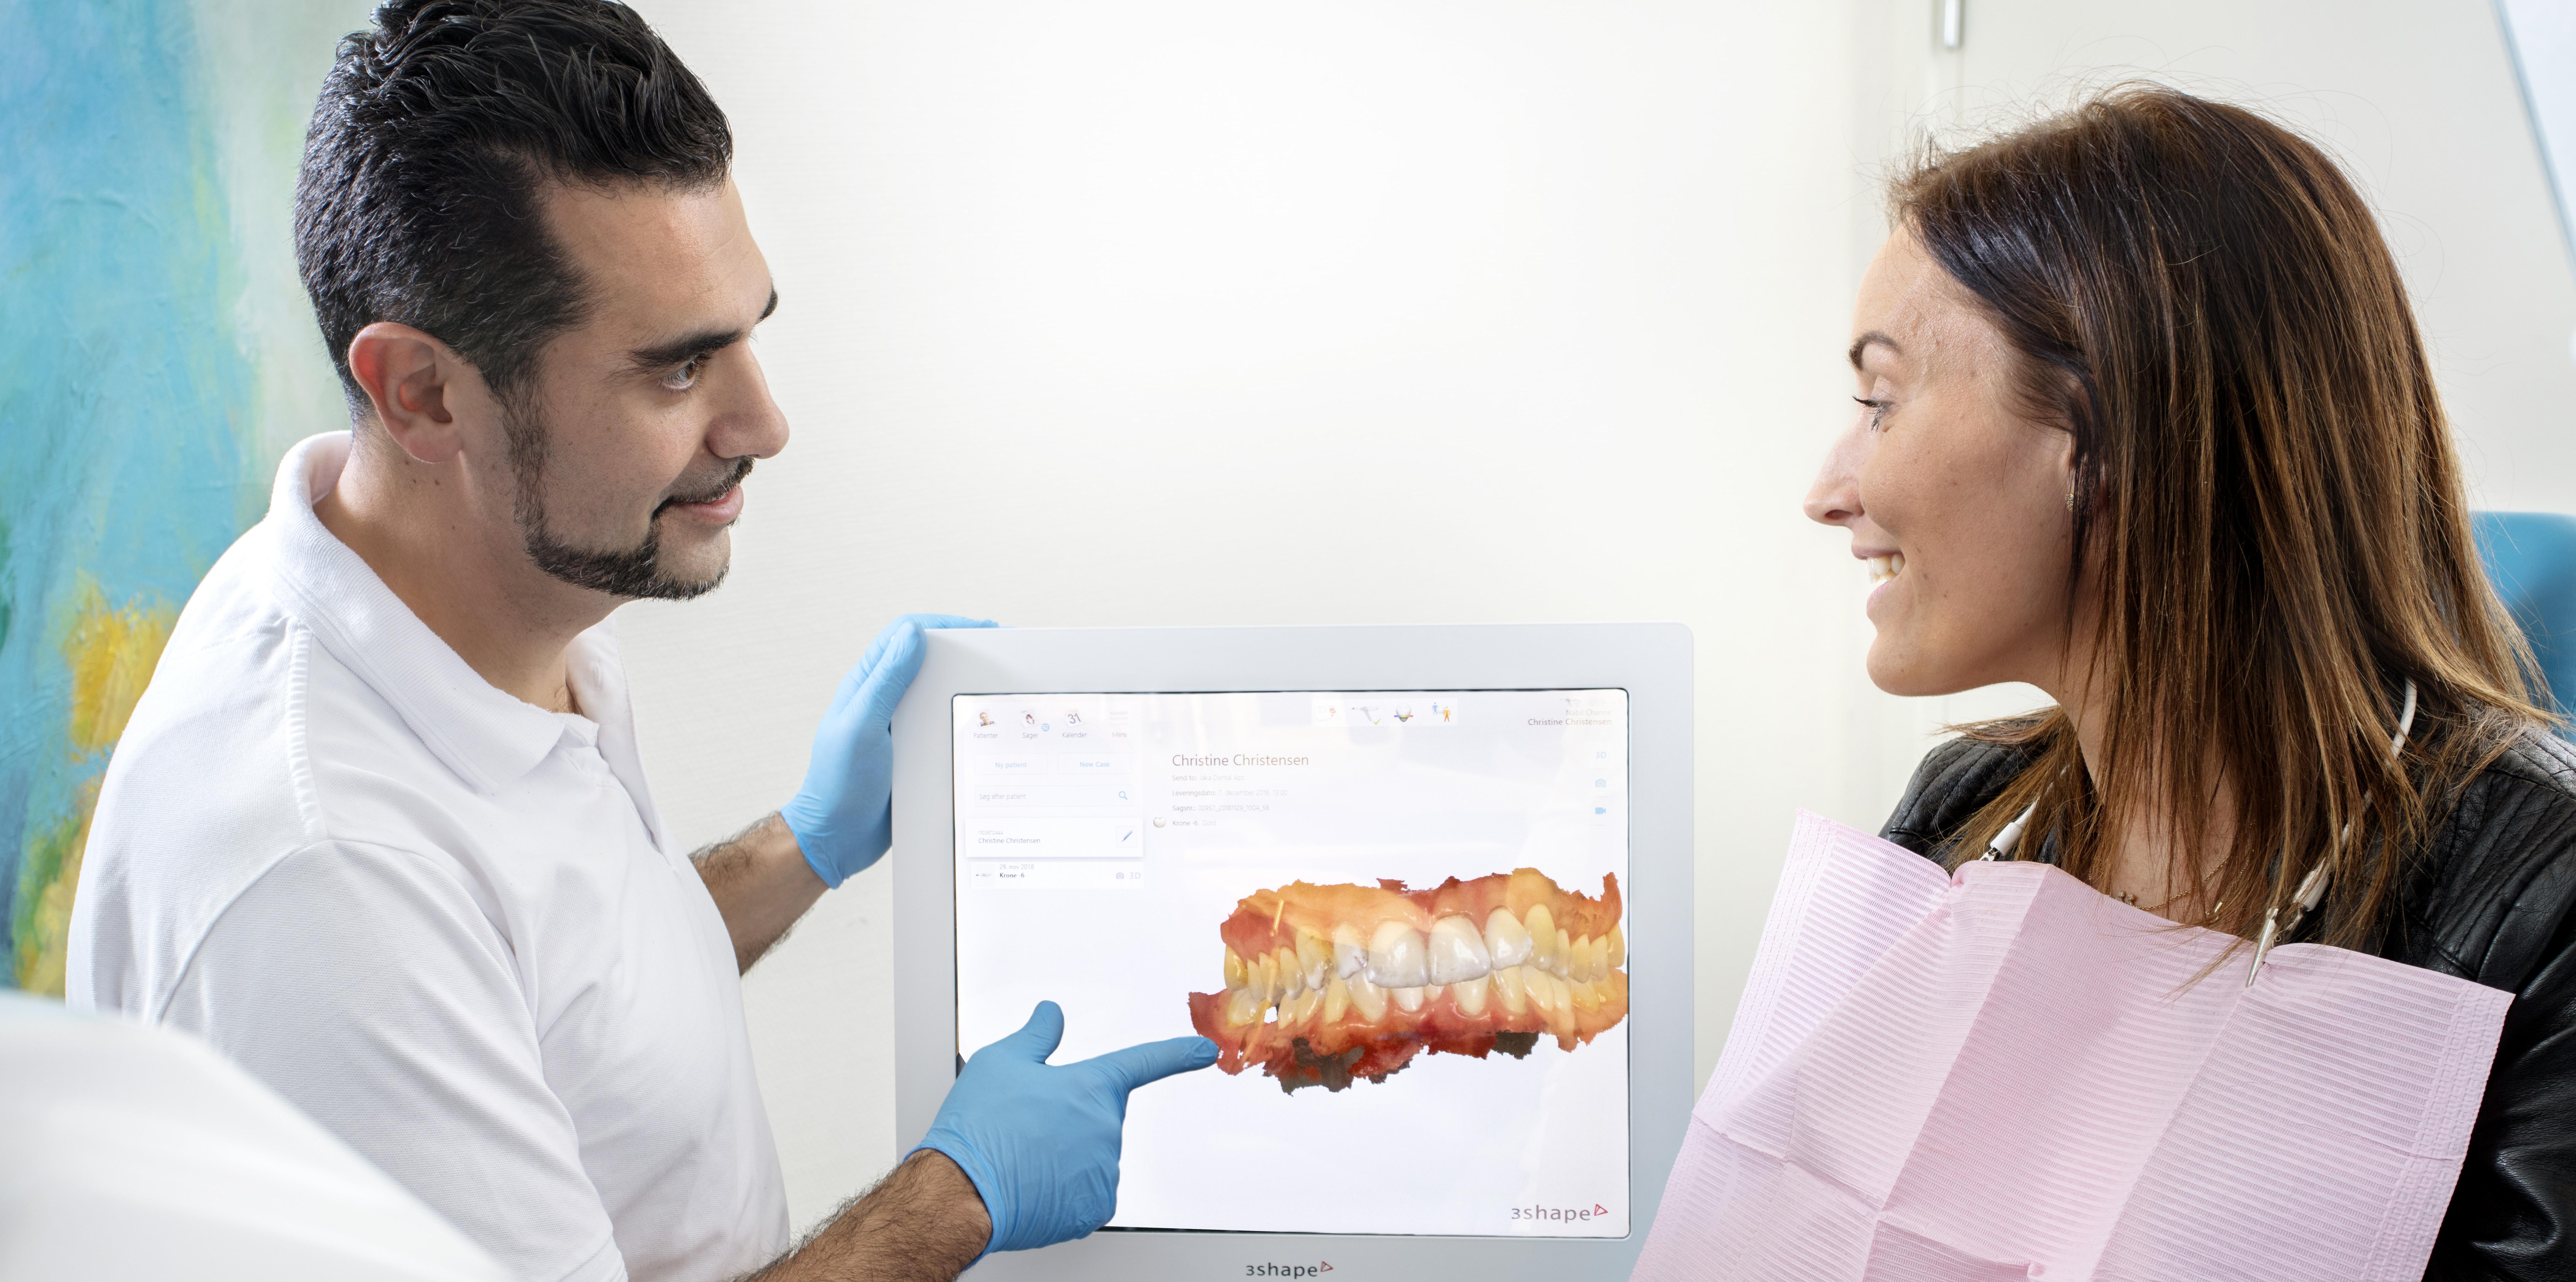 tandlæge dating patient polyamory gift og dating kamala